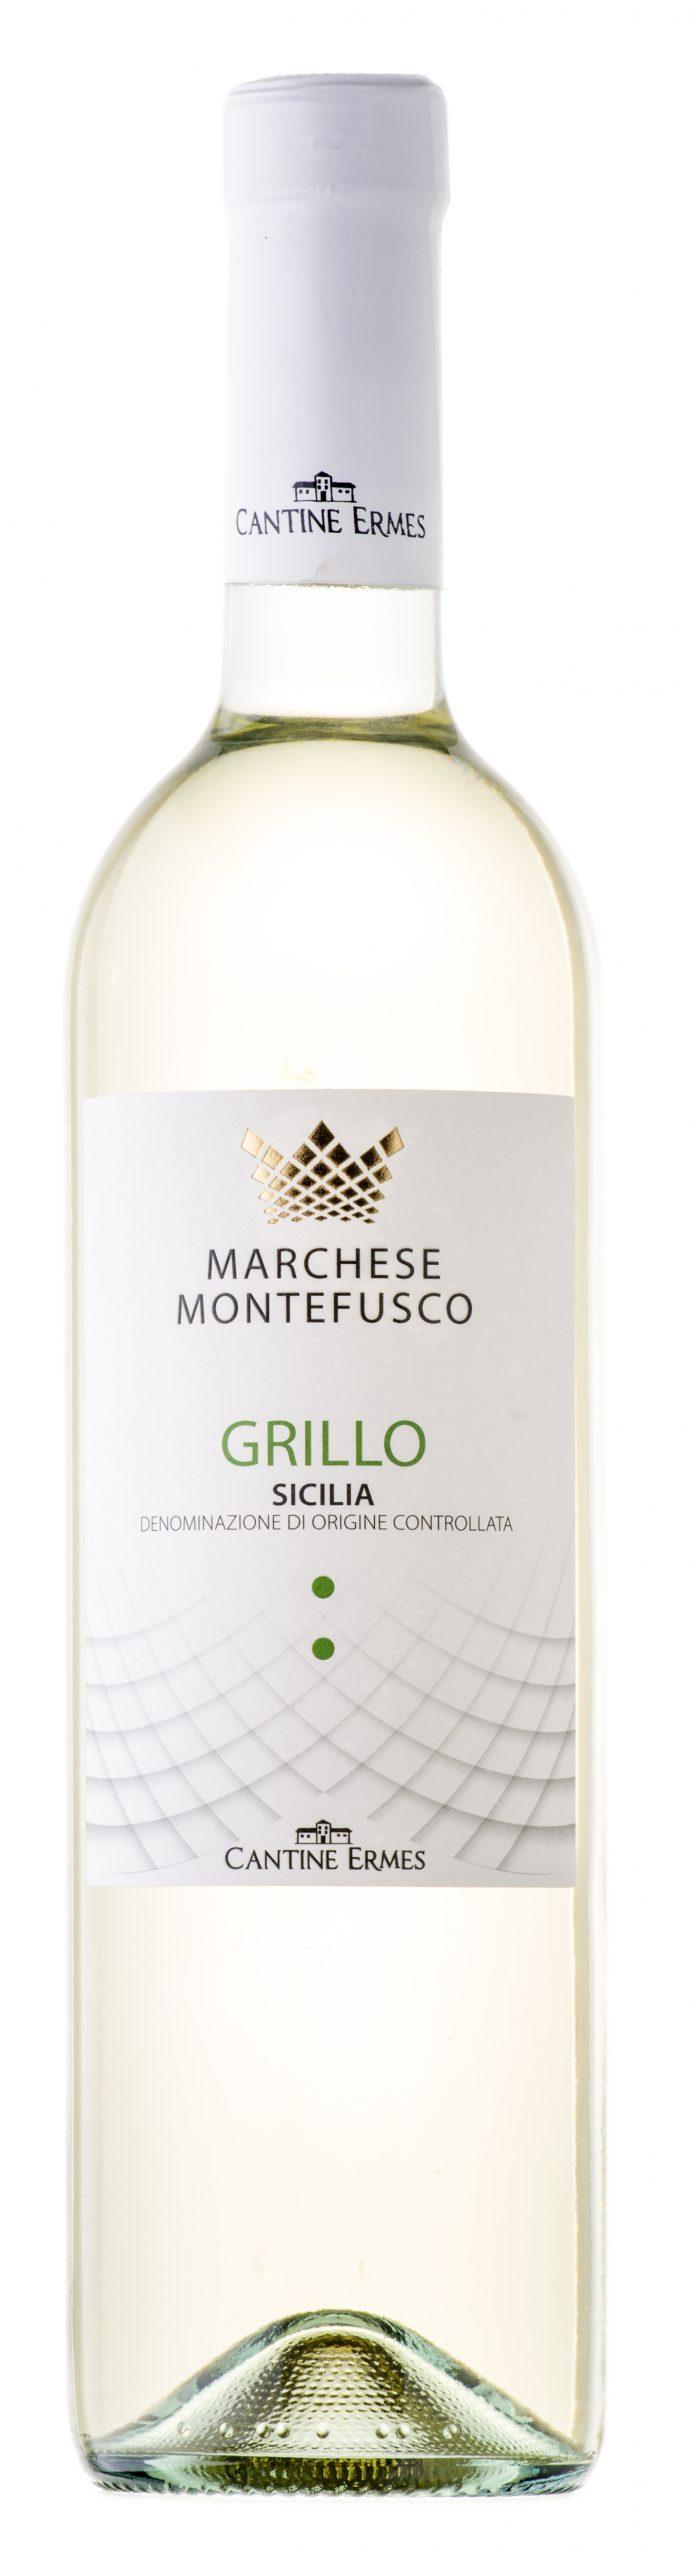 GRILLO MARCHESE MONTEFUSCO